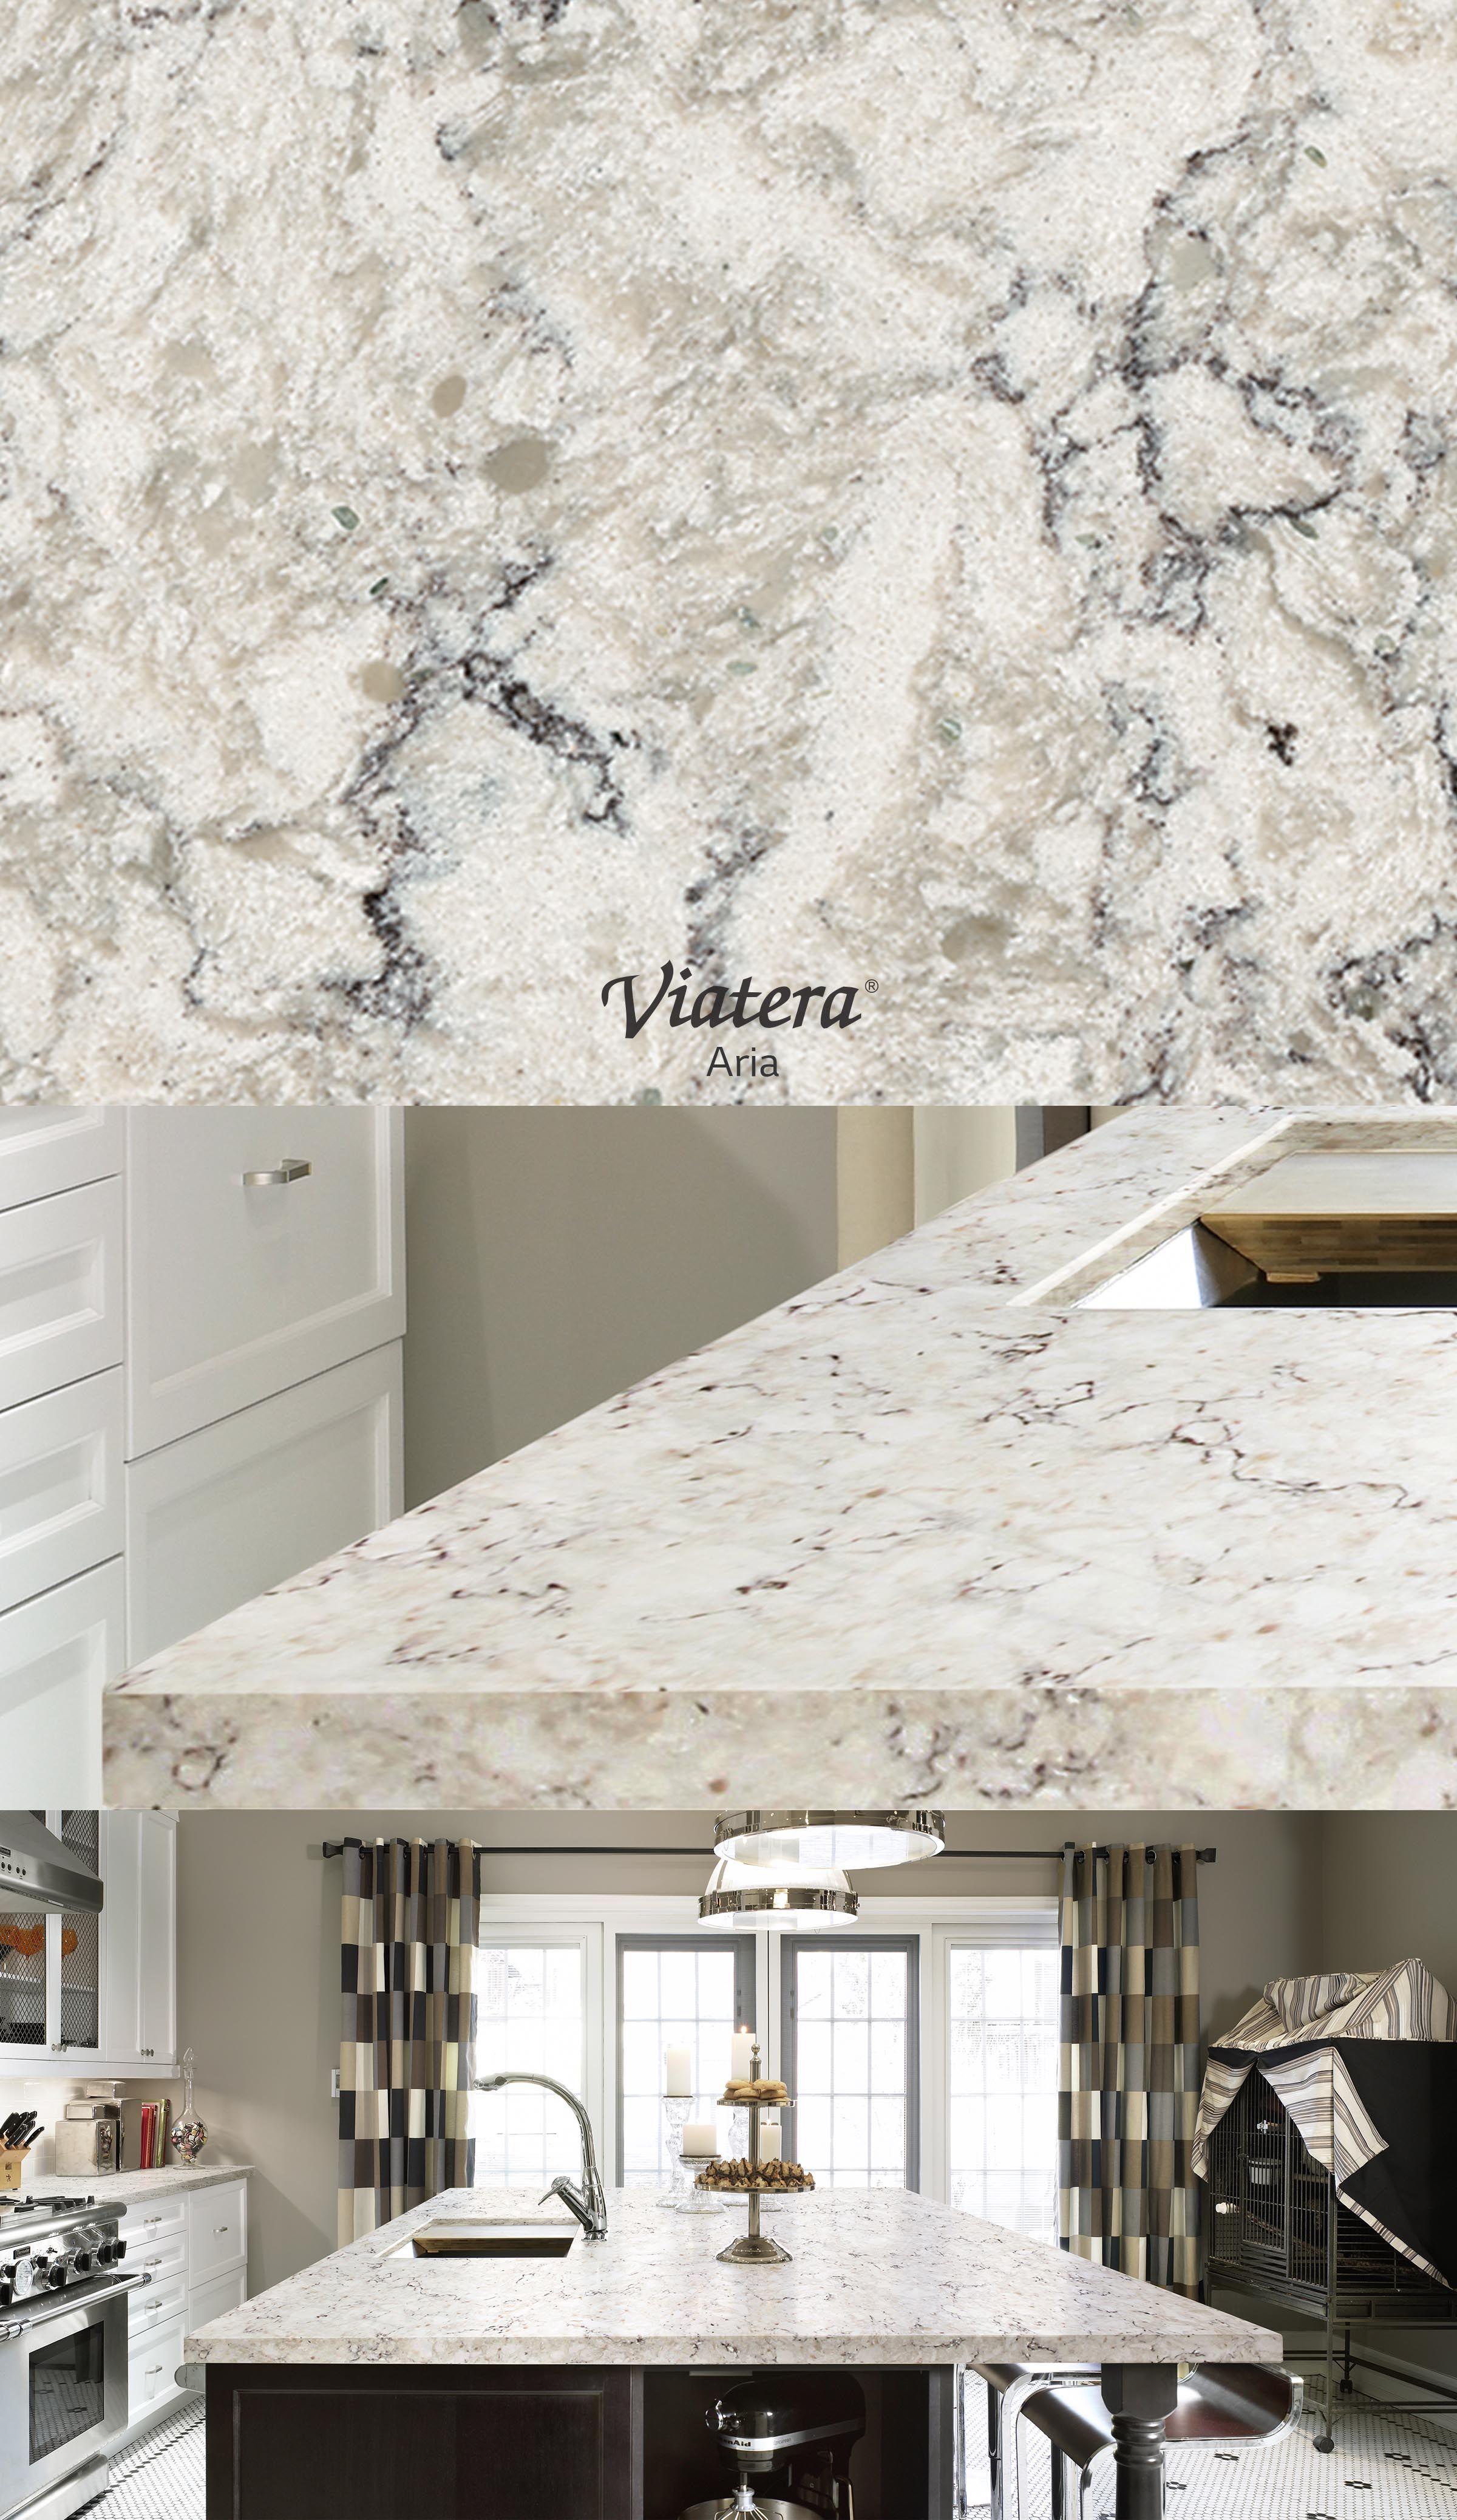 Viatera Aria l Quartz countertop. Stone Counters   Copper Sinks   Laminate countertop  Countertop